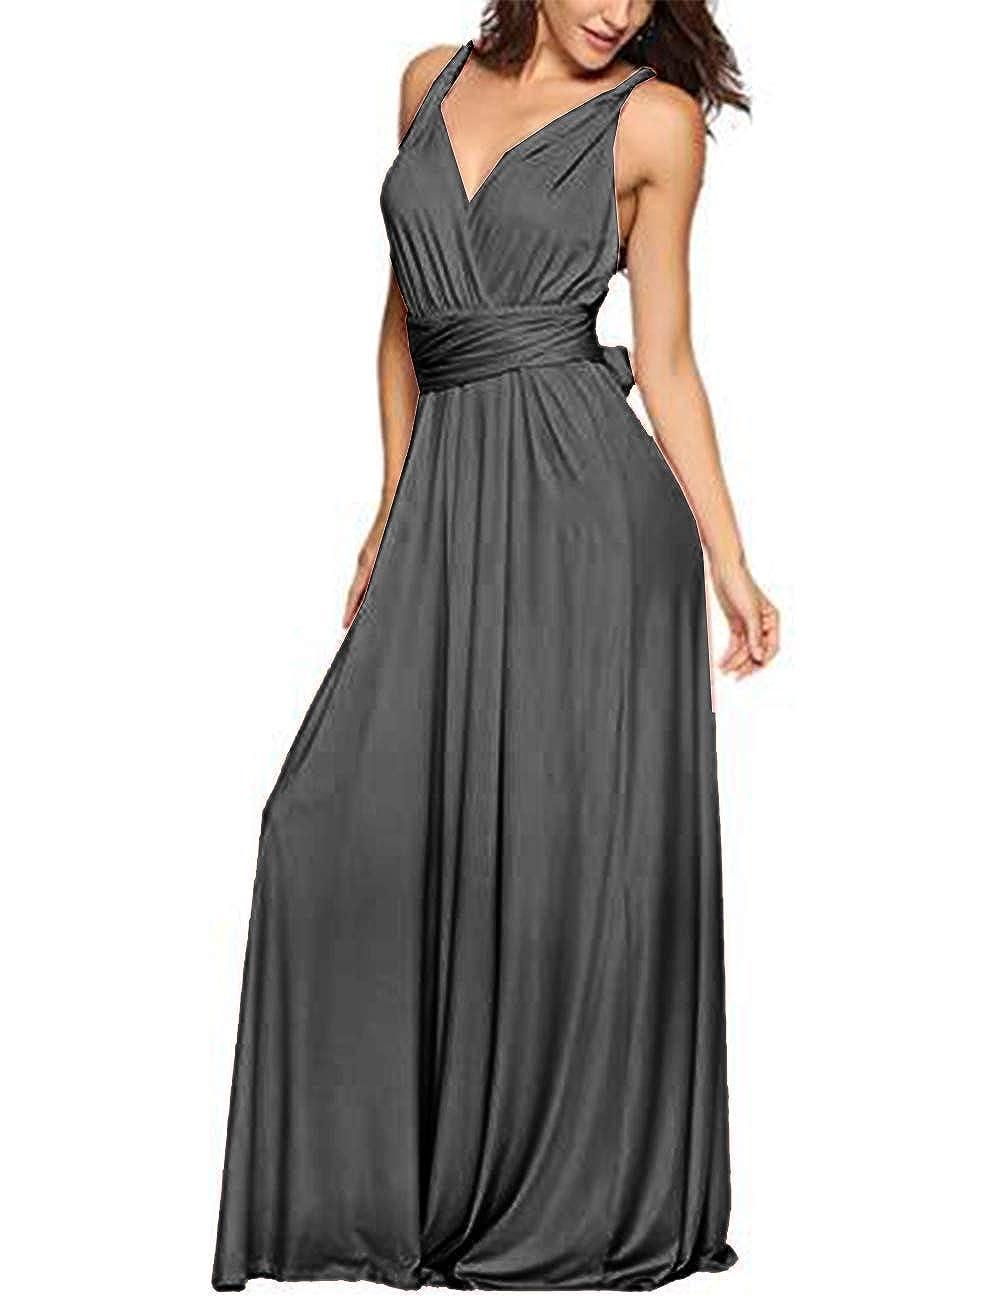 TALLA XL. EMMA Mujeres Falda Larga de Cóctel Vestido de Noche Dama de Honor Elegante sin Respaldo Gris XL